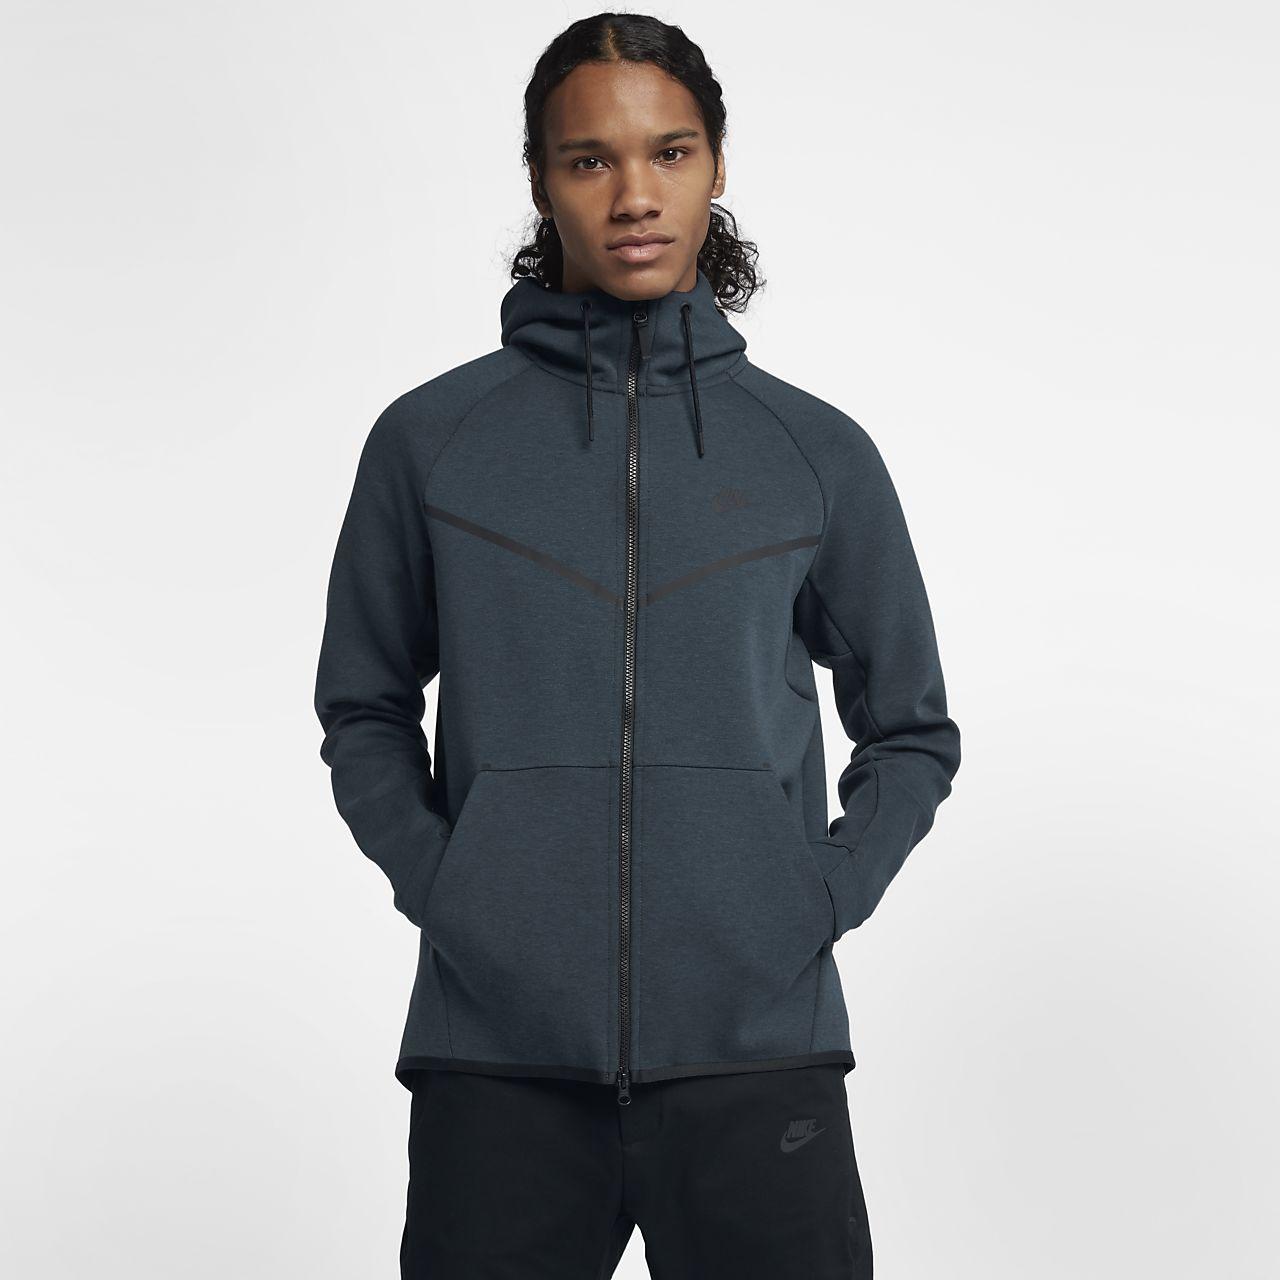 ... Sweat à capuche entièrement zippé Nike Sportswear Tech Fleece  Windrunner pour Homme